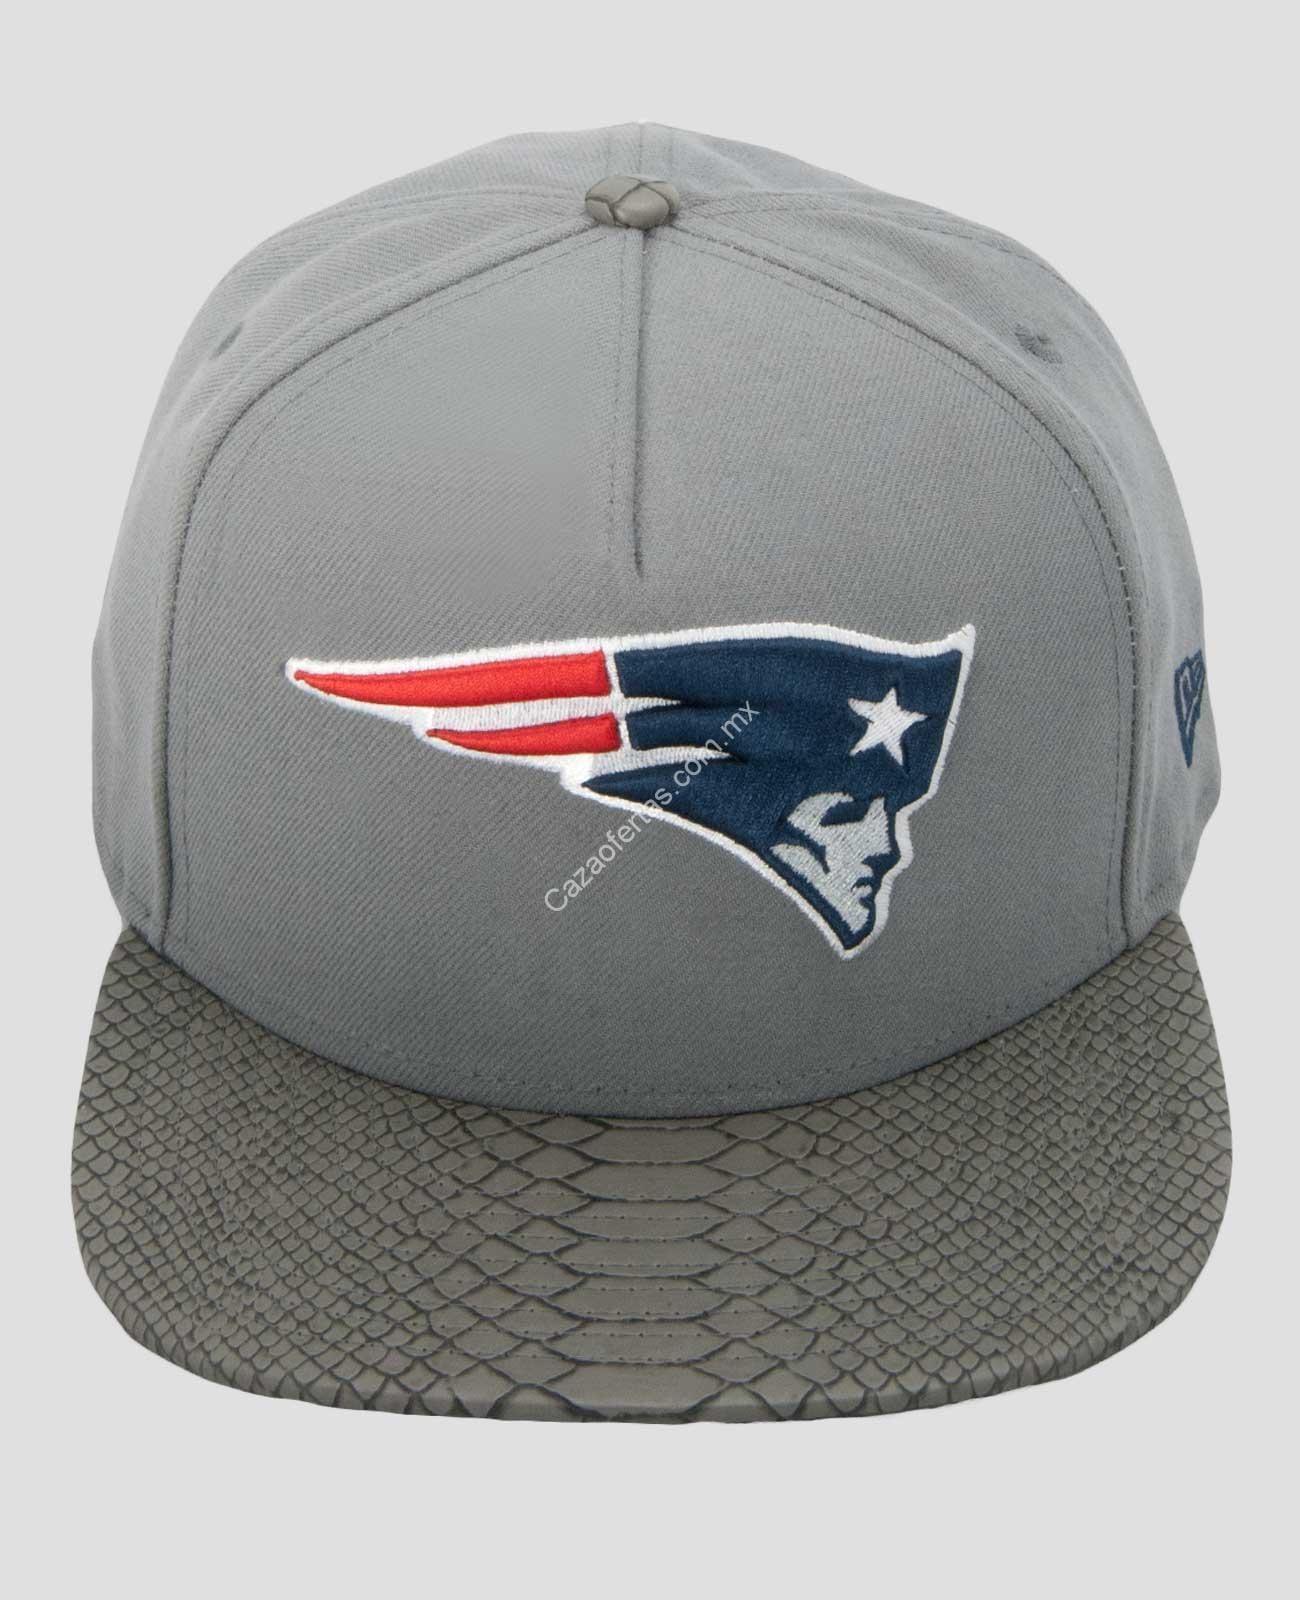 706d0d3270851 Gorras originales New Era Cap con descuento desde  104 en tienda online de  Promoda